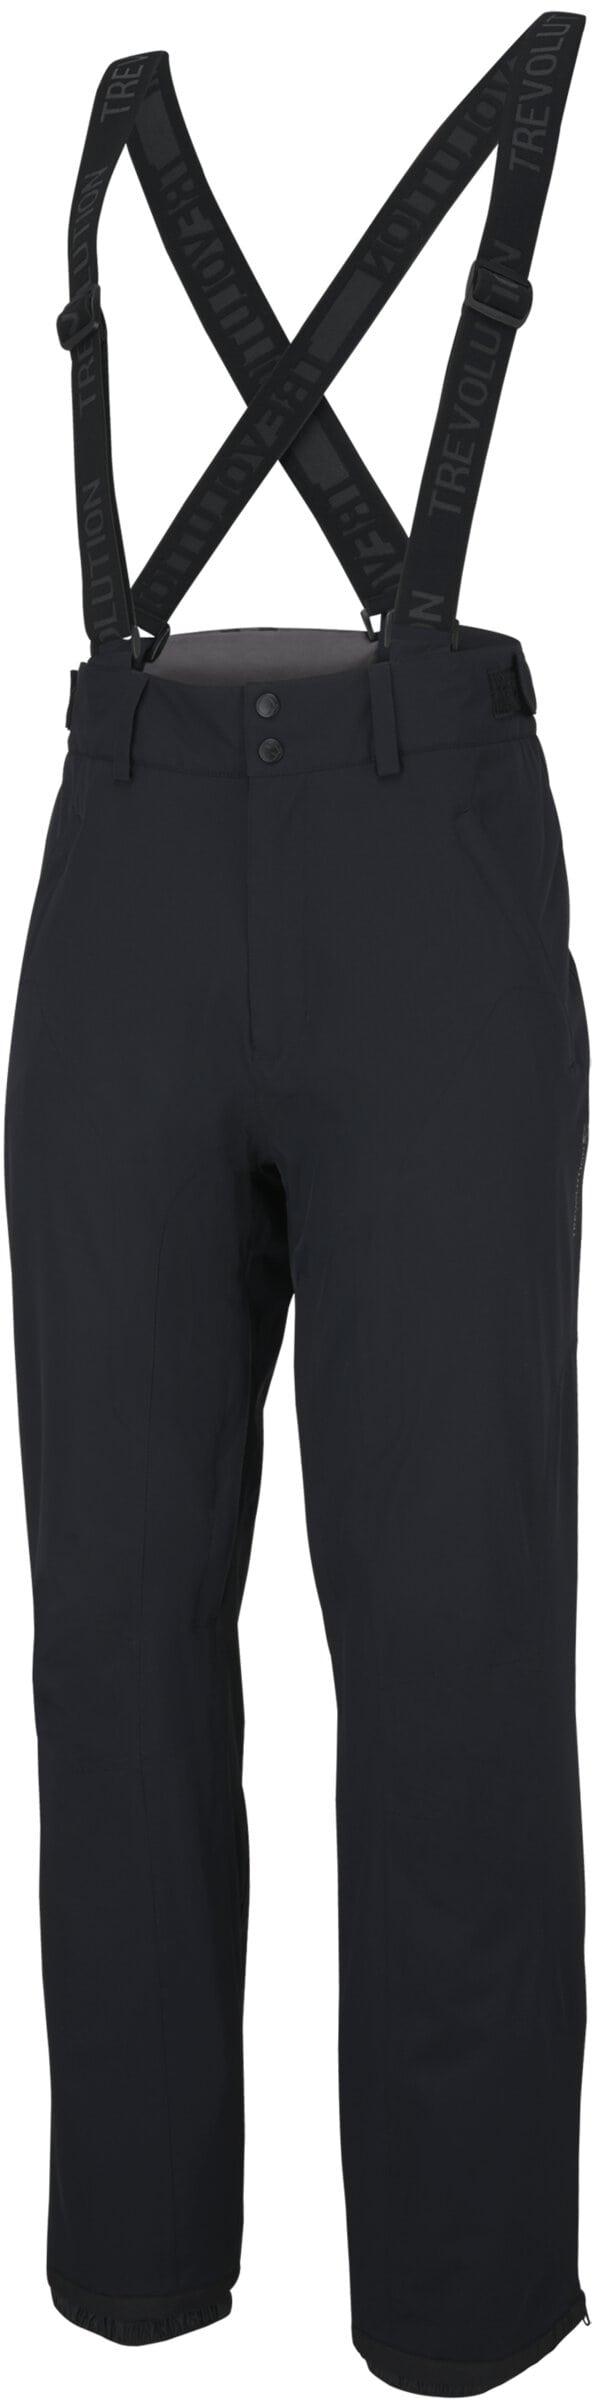 Trevolution Pantalon de ski pour homme Taille courte